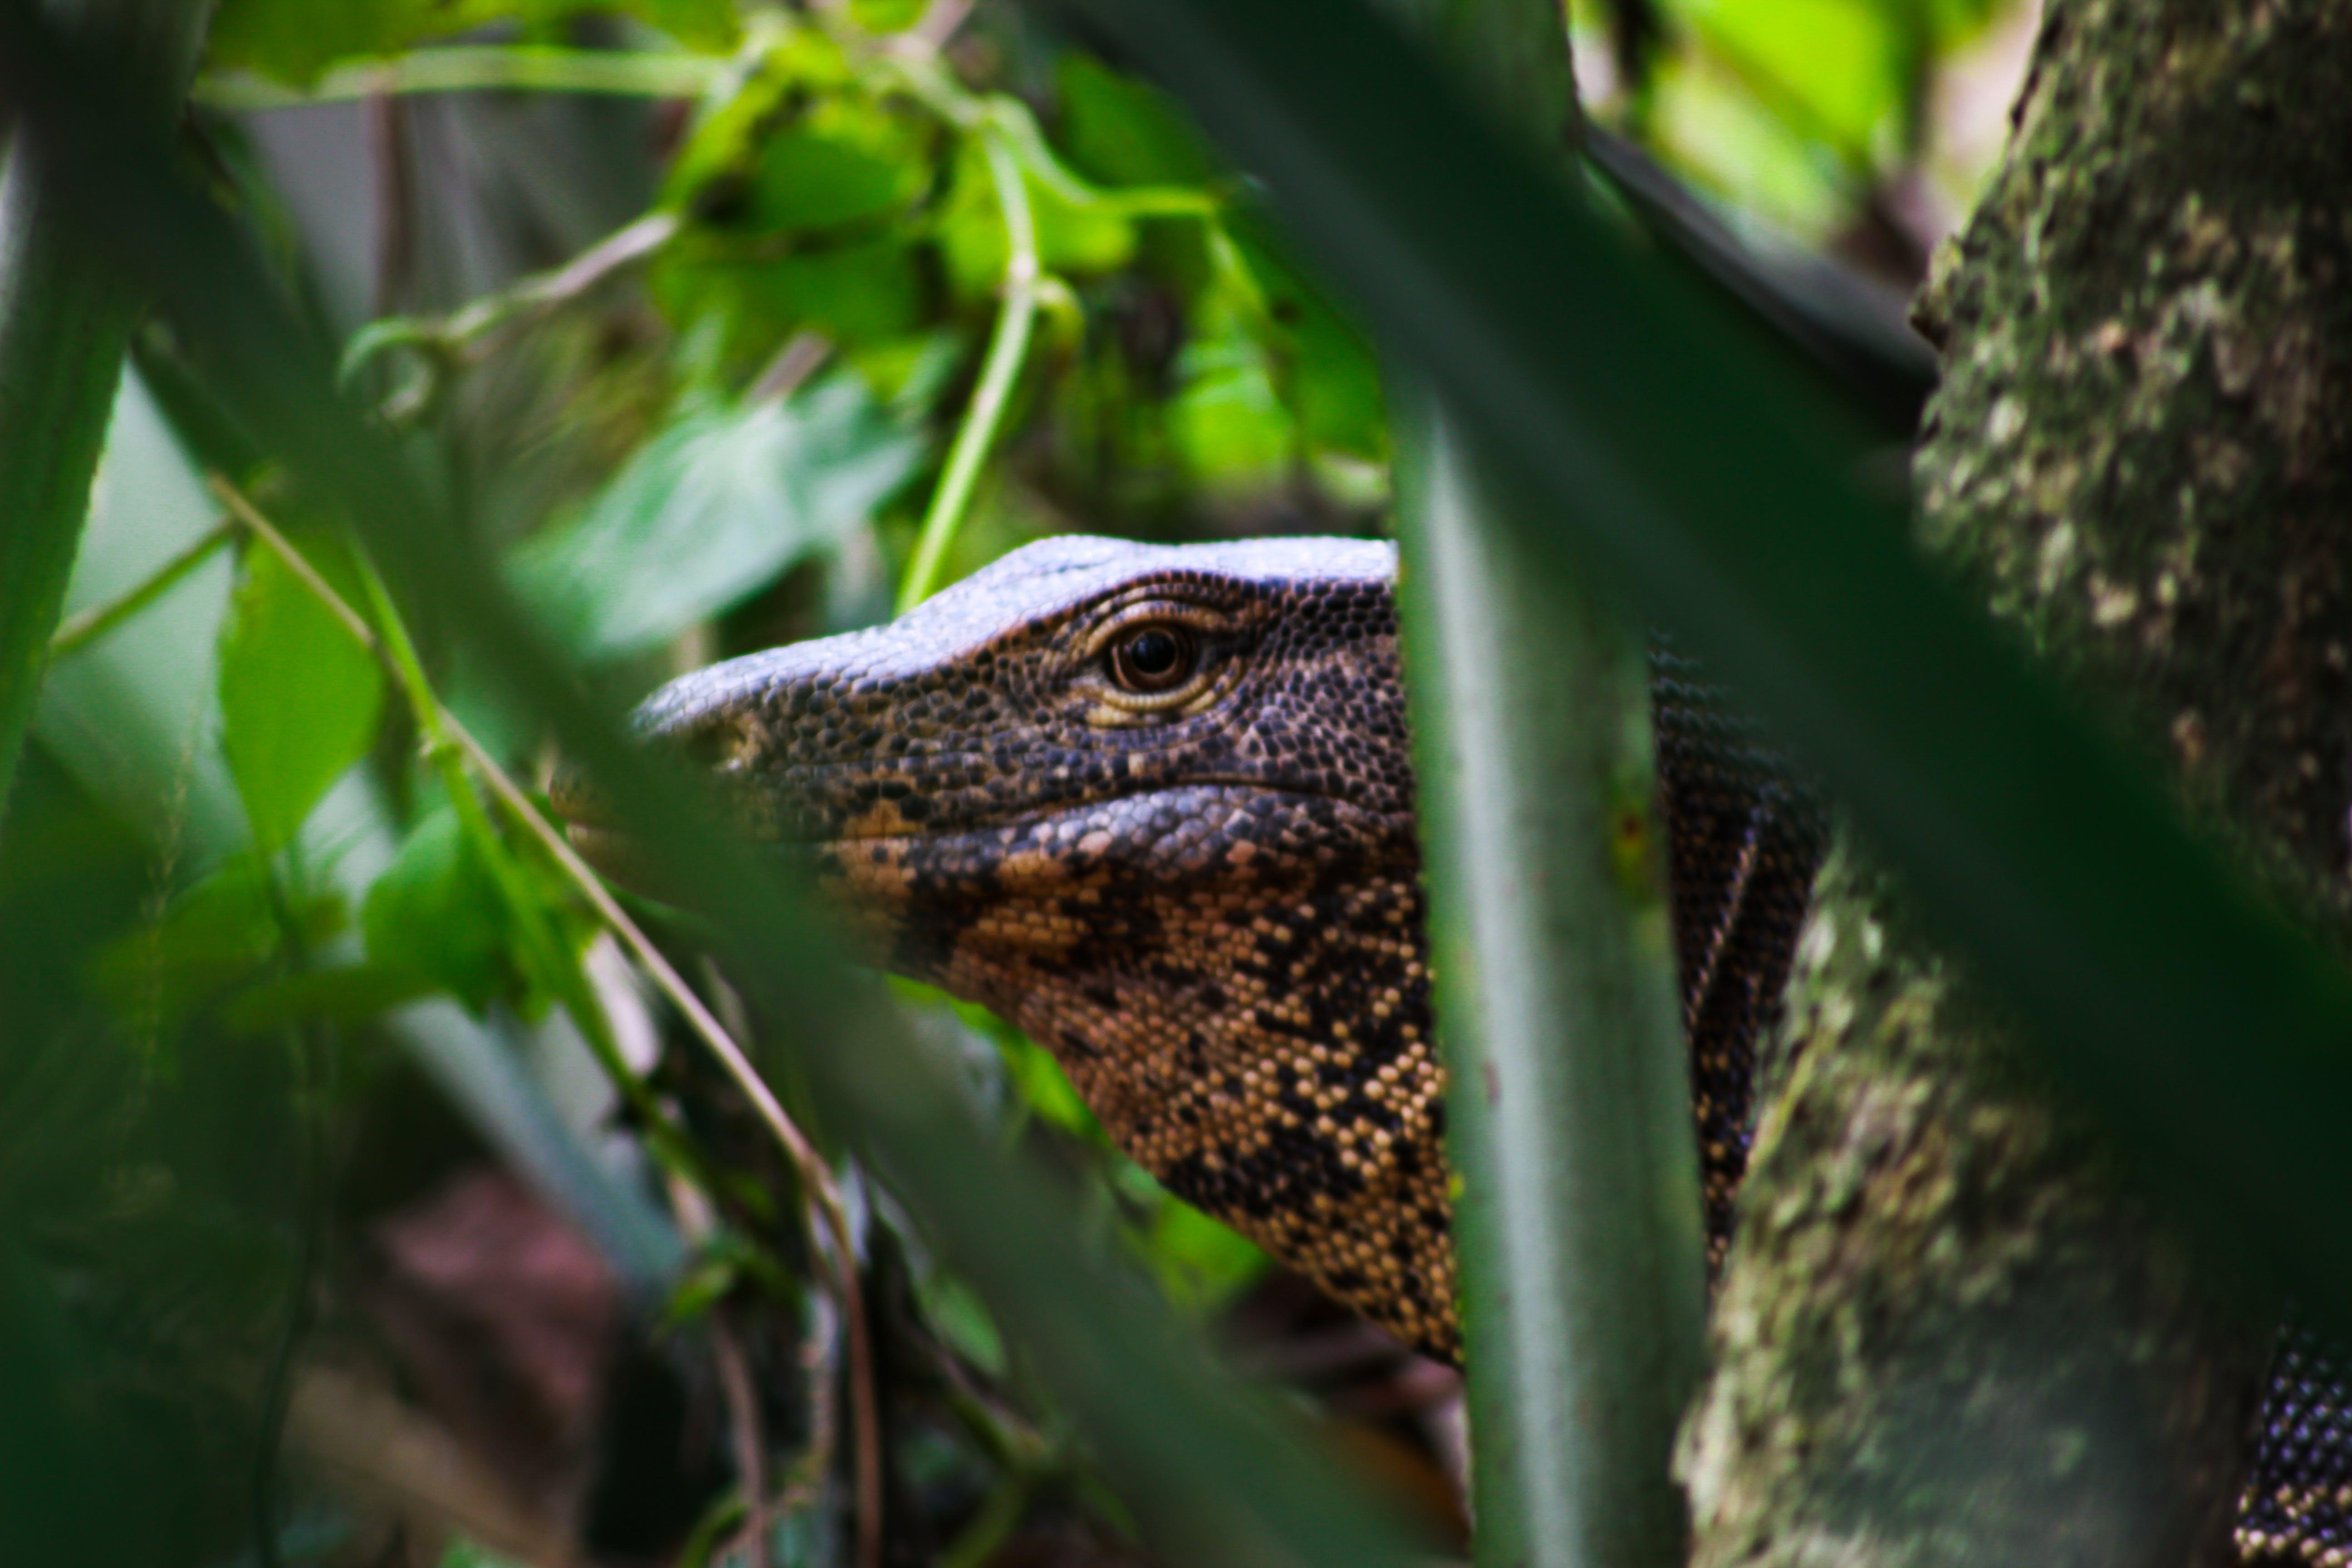 Foto profissional grátis de animal selvagem, dragão, fotografia da natureza, fotografia da vida selvagem